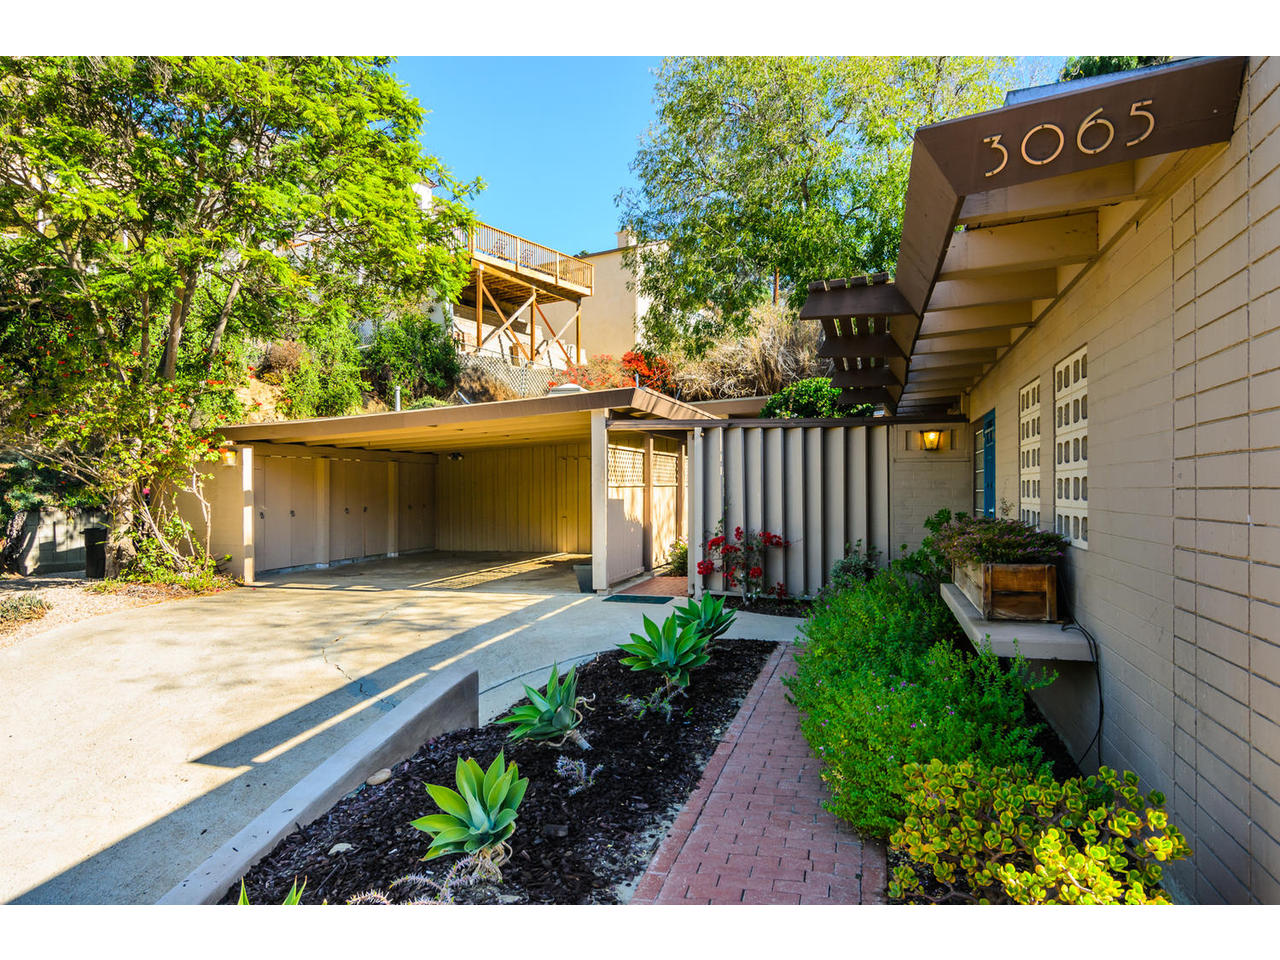 3065 Eagle St San Diego CA-MLS_Size-004-3065 Eagle Street San Diego CA-1280x960-72dpi.jpg